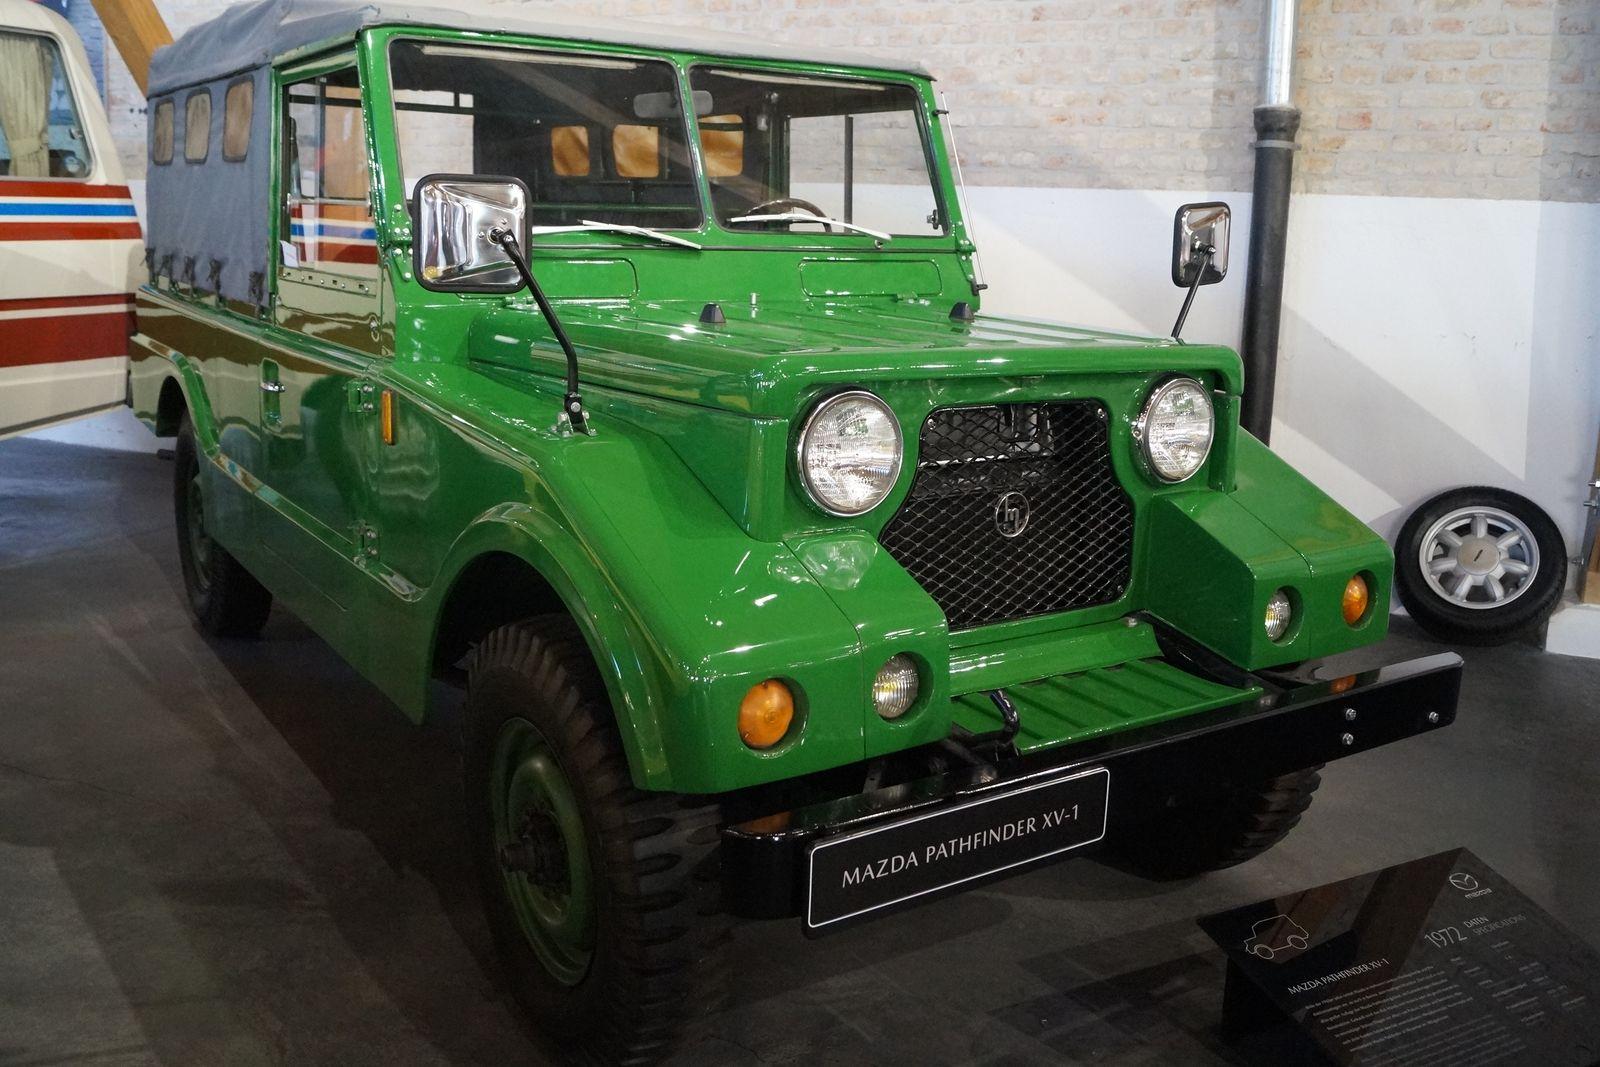 100 Jahre Mazda - Pathfinder